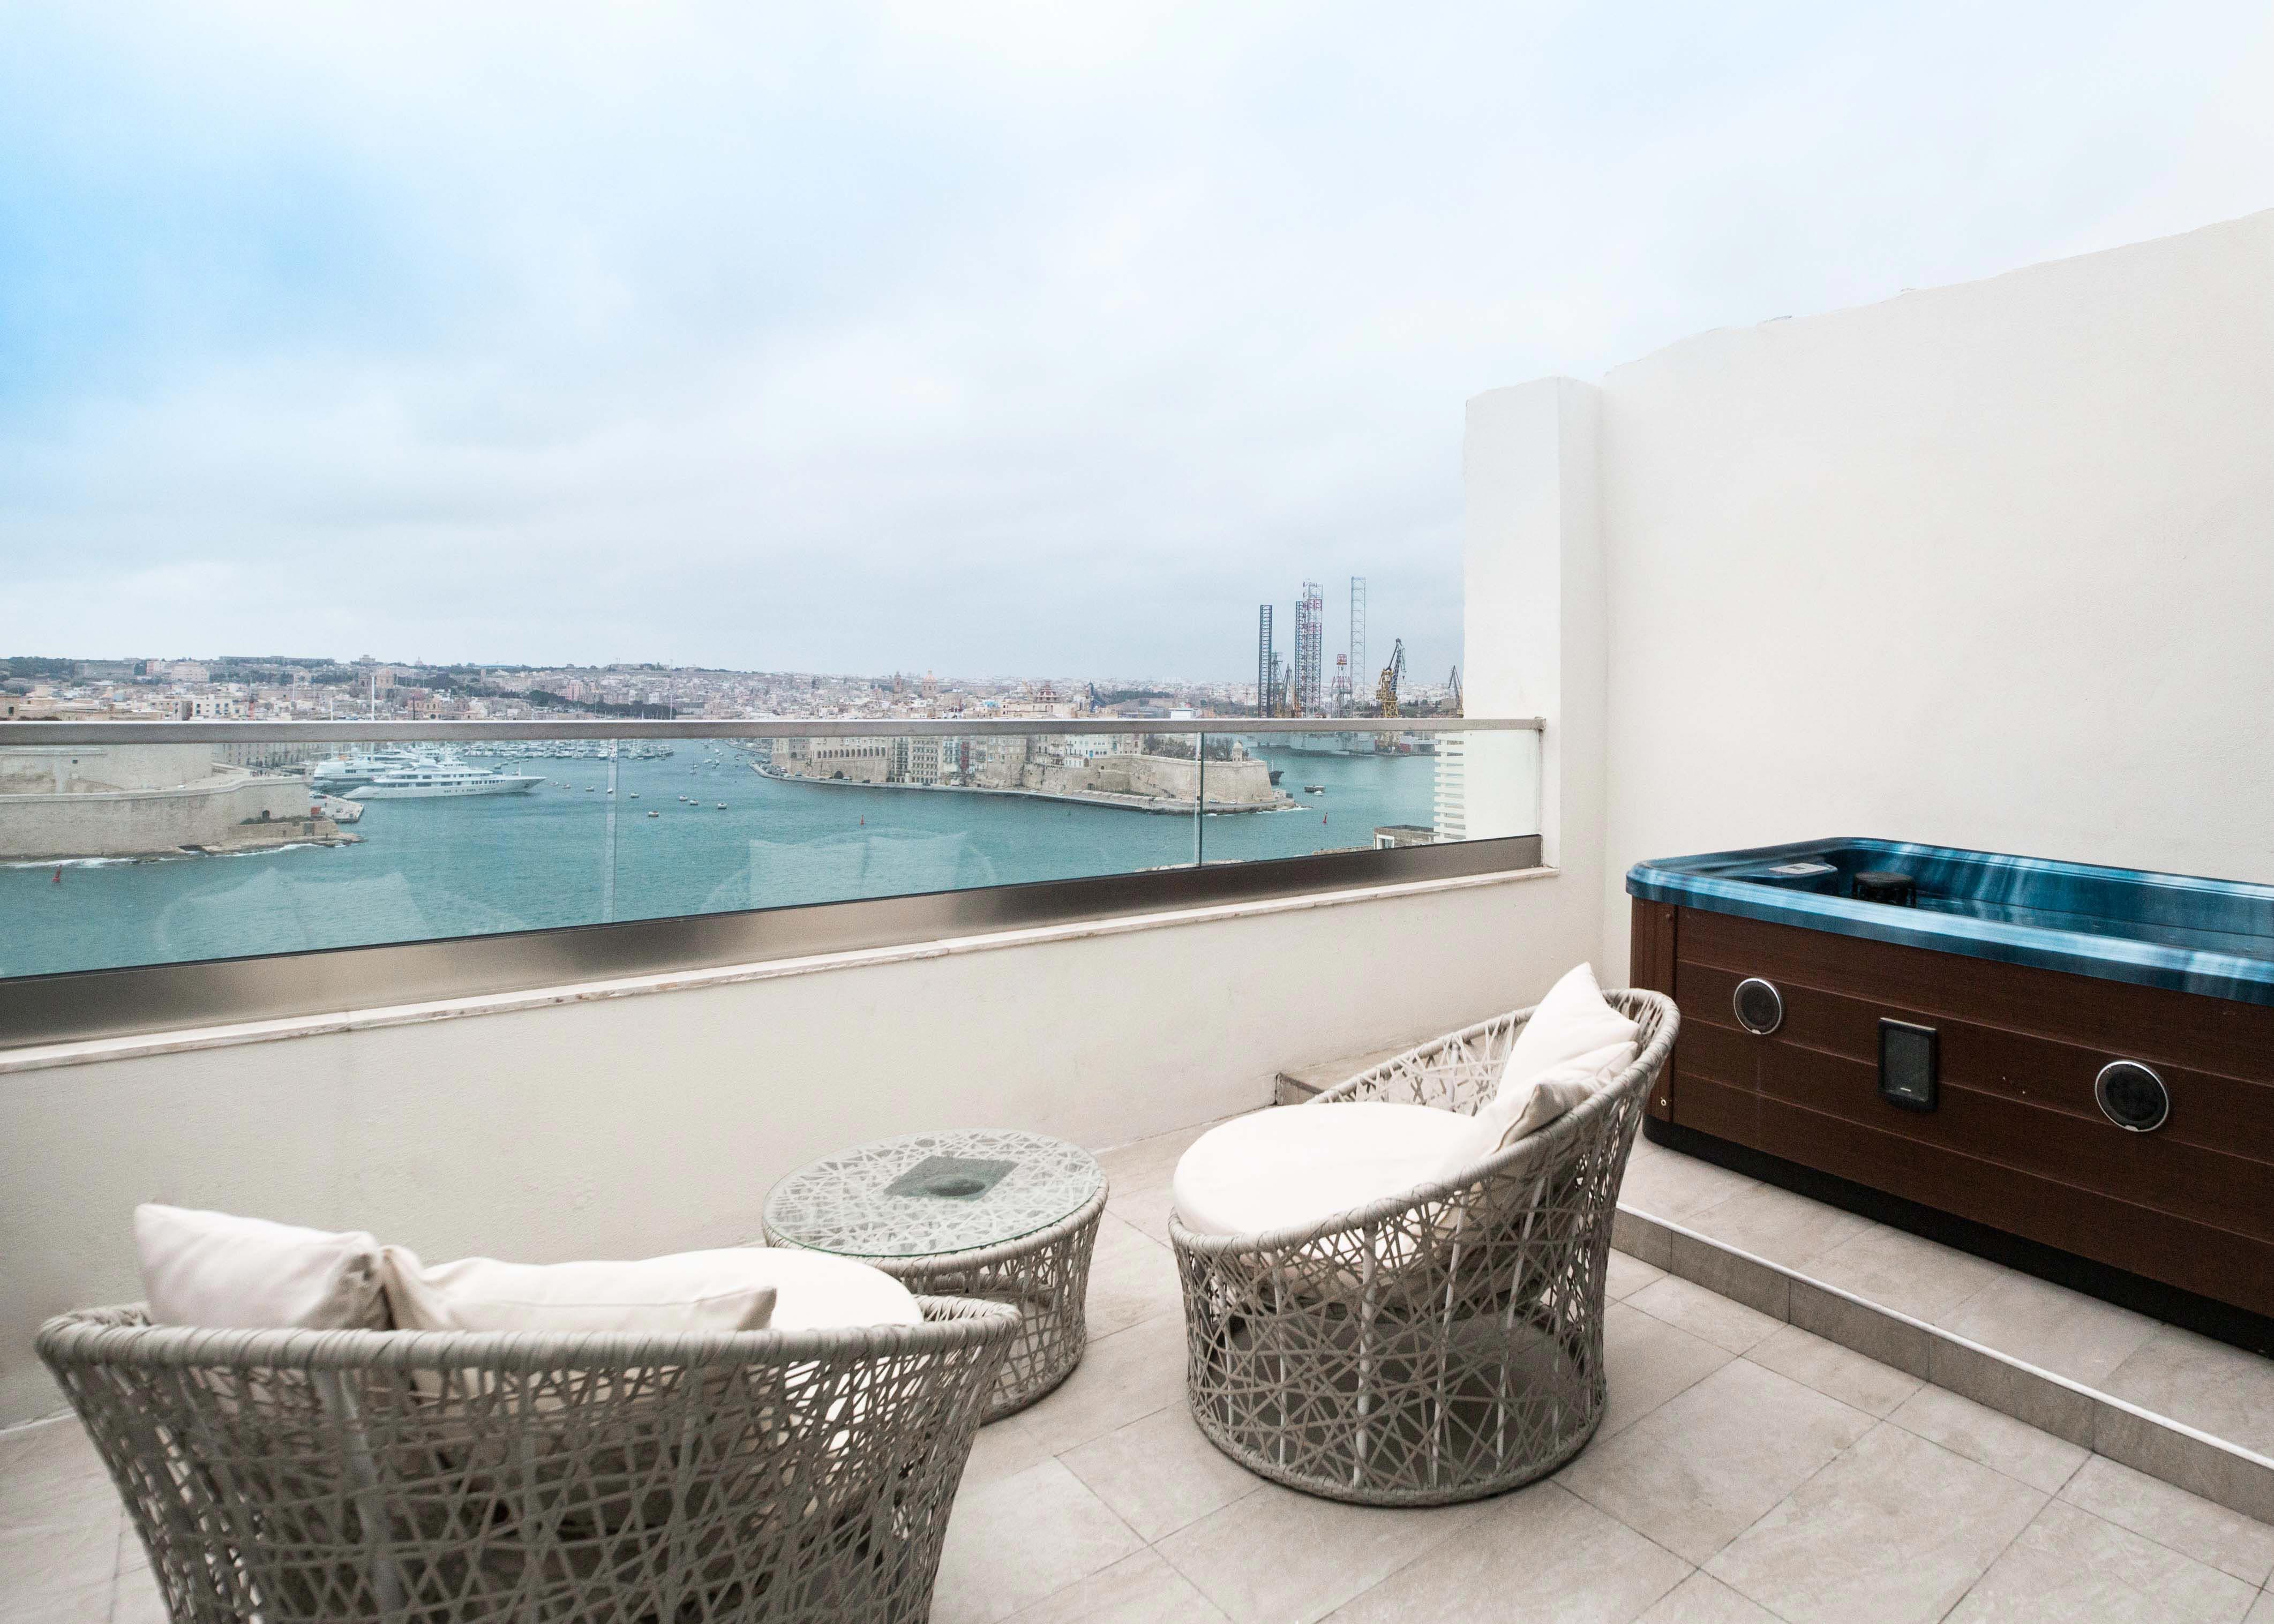 Phòng có ban công và cảnh biển, khách sạn tốt nhất ở Malta